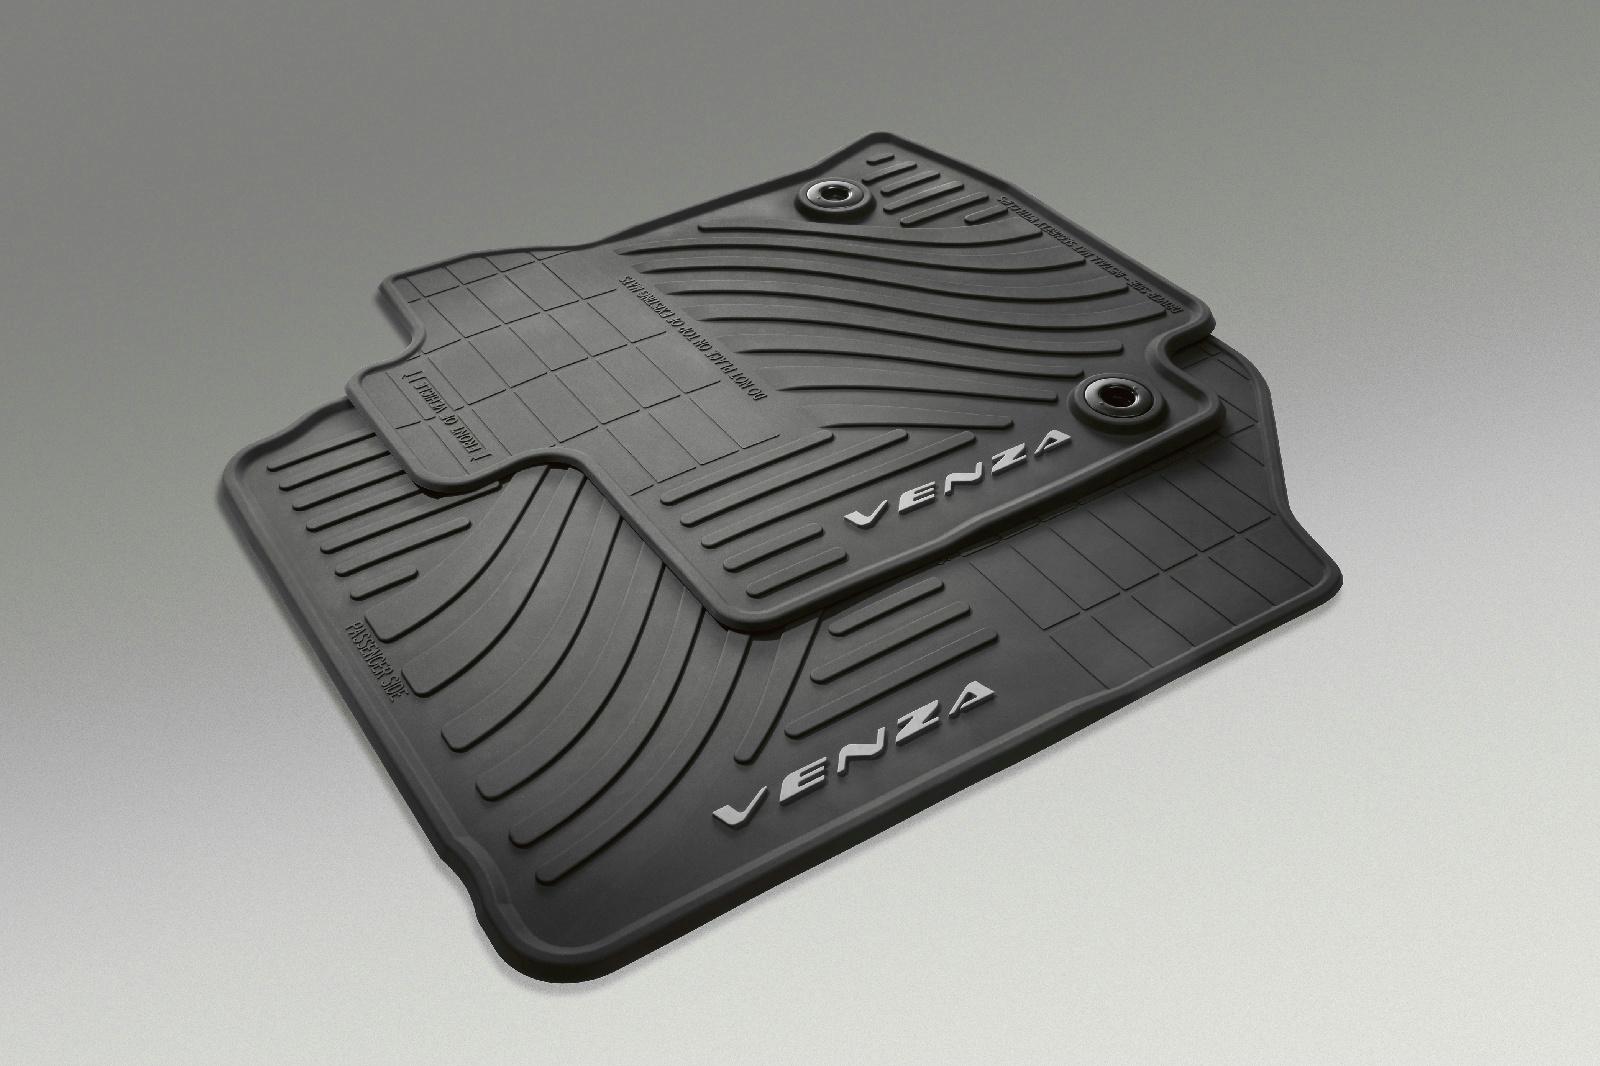 2013 14 Oem Toyota Venza Black All Weather Floor Mat Set Of 4 Pt206 0t130 20 Ebay